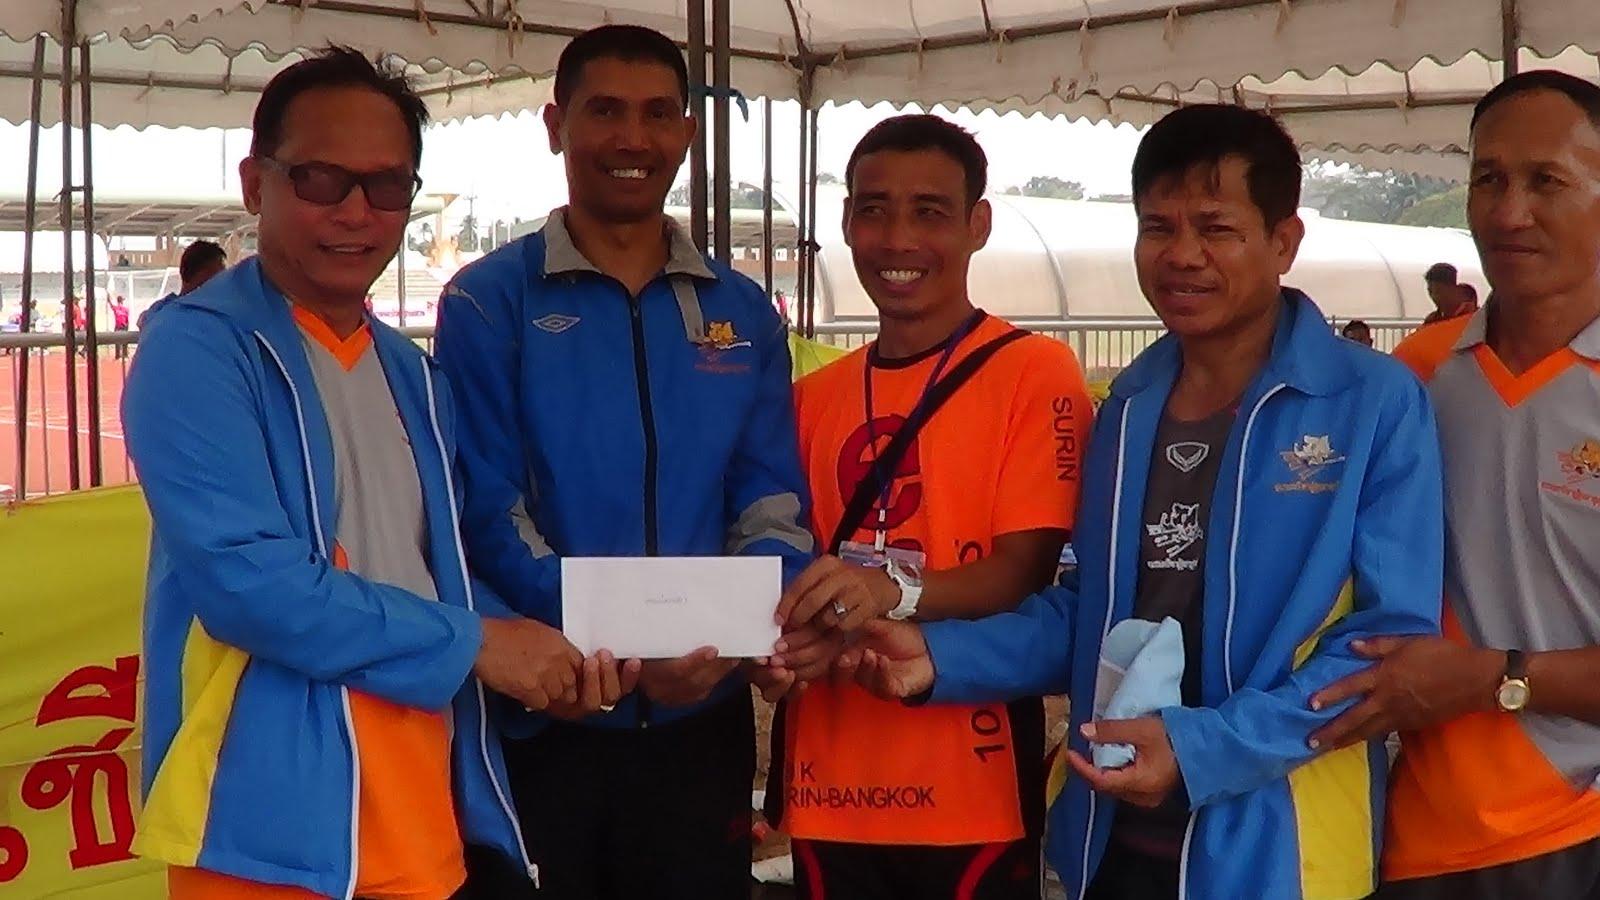 ชมรมกรีฑาผู้สูงอายุจังหวัดสุรินทร์เข้าร่วมการแข่งขันกรีฑาสูงอายุชิงชนะเลิศแห่งประเทศไทย สกลนคร